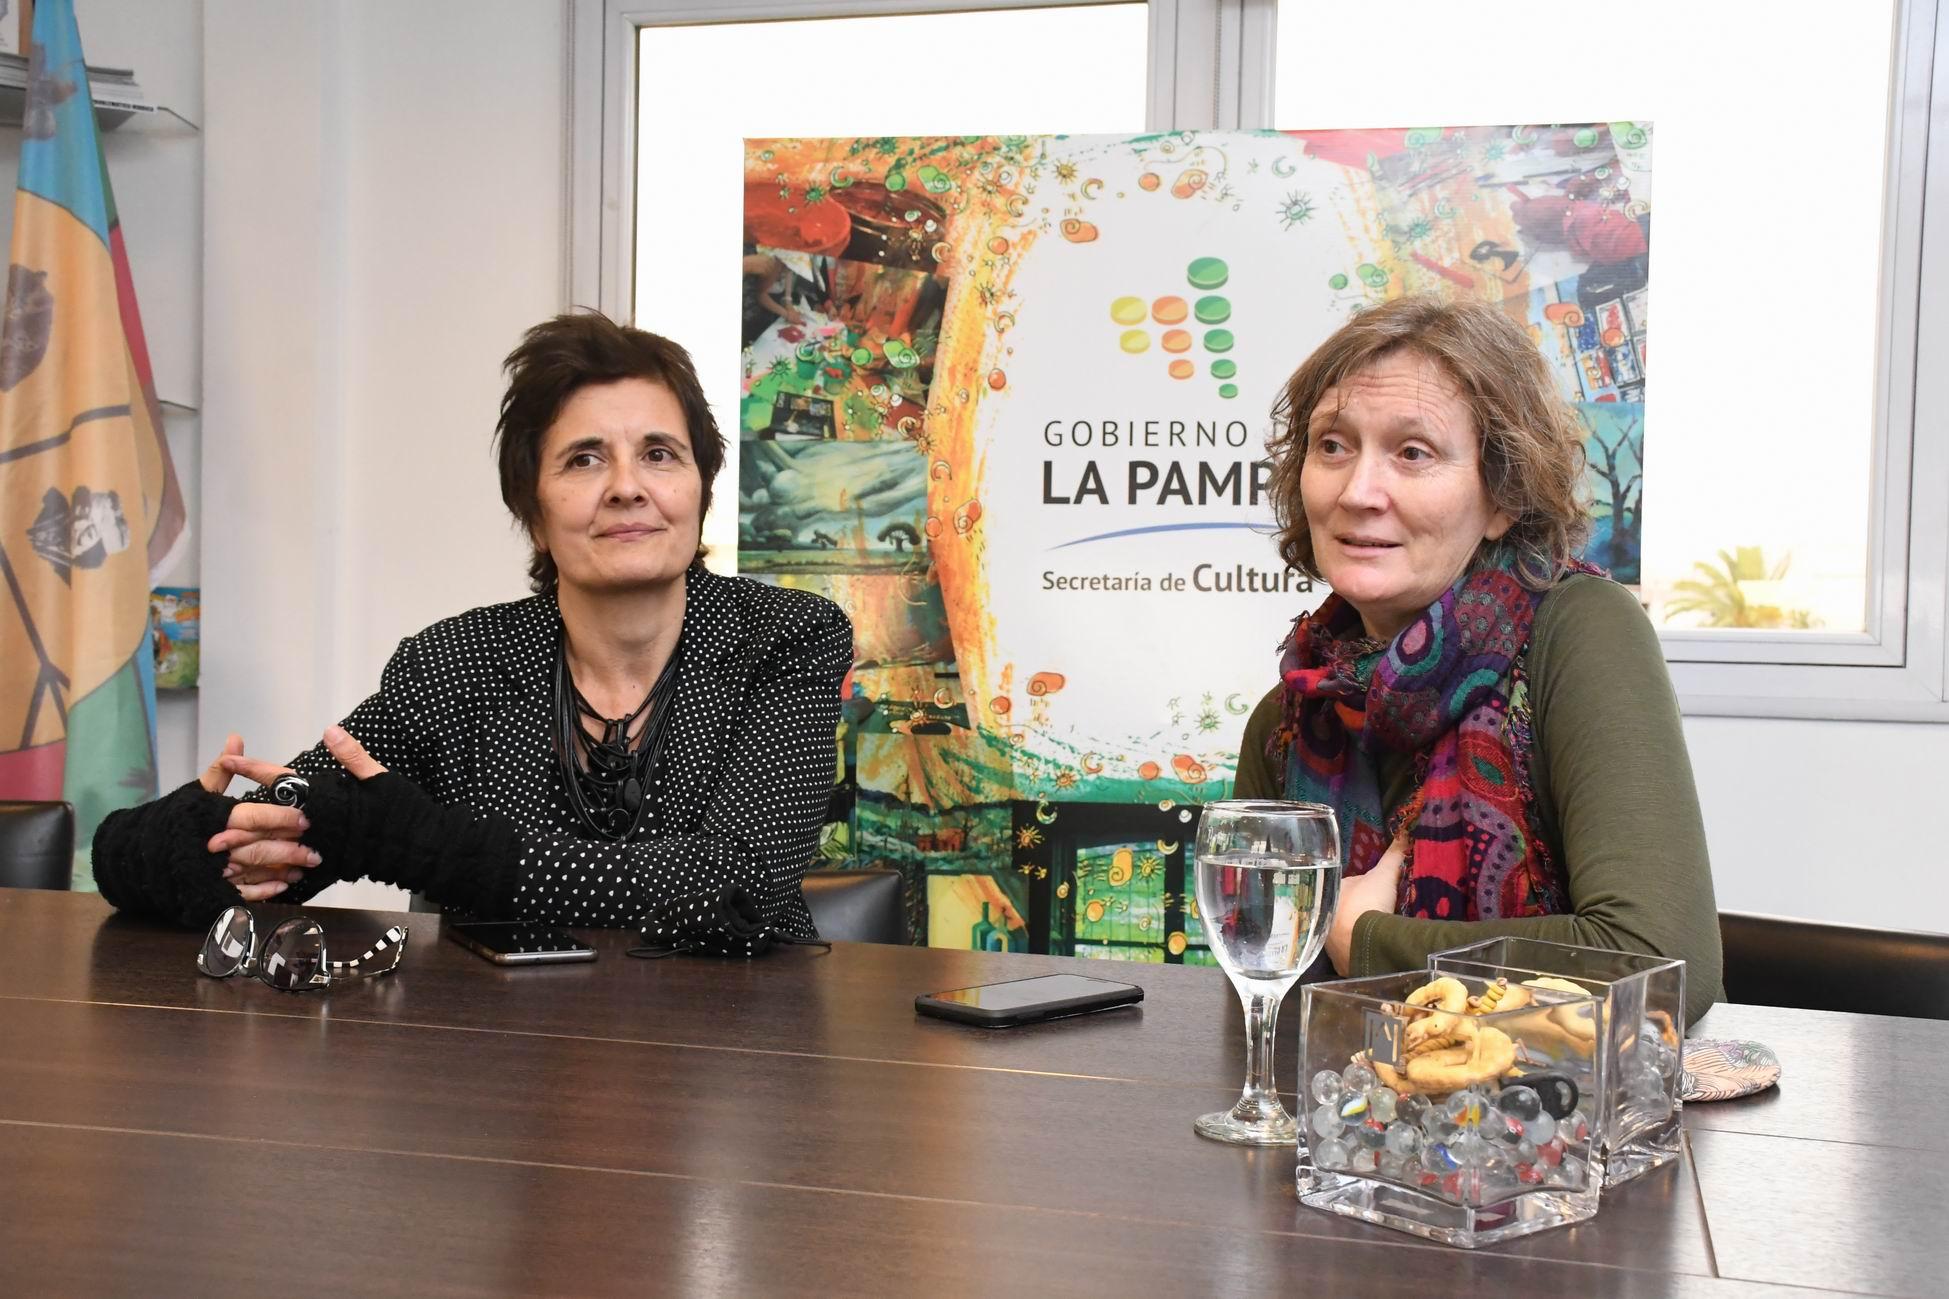 El Ente Cultura Patagonia, coordinado por La Pampa, continúa organizando actividades para toda la región